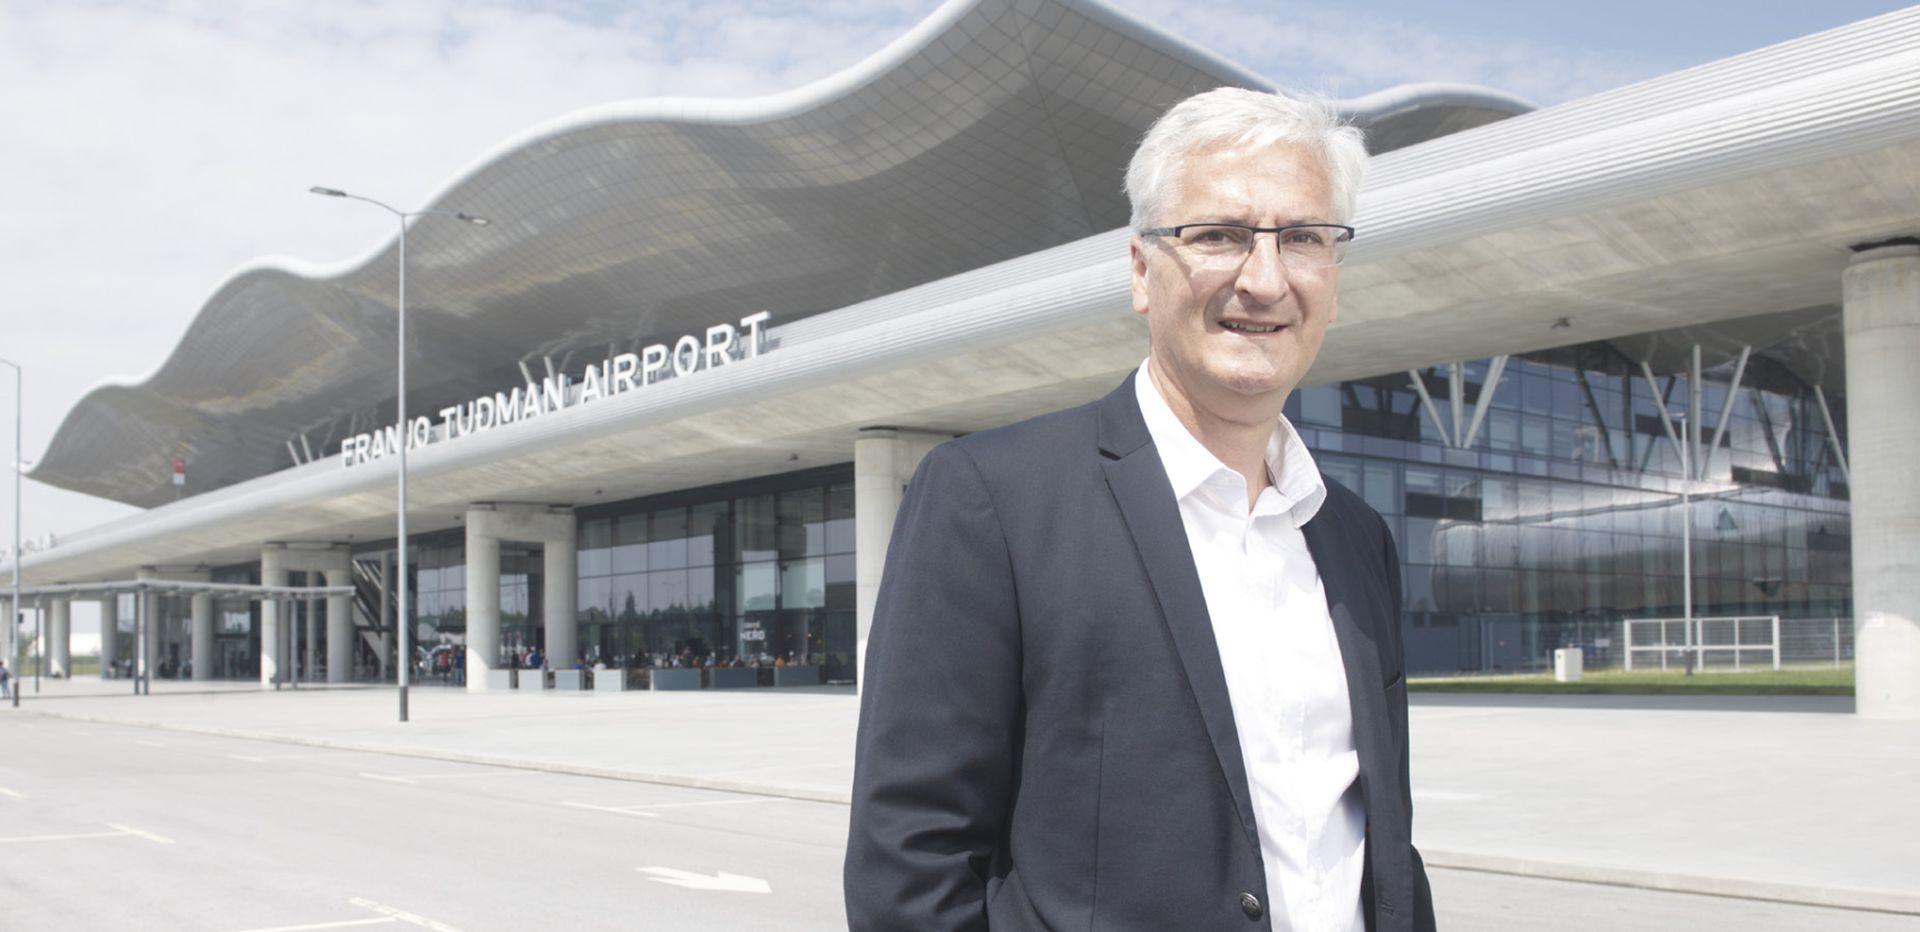 'Investicija od 300 milijuna eura za zagrebačku zračnu luku isplatit će se vrlo brzo'